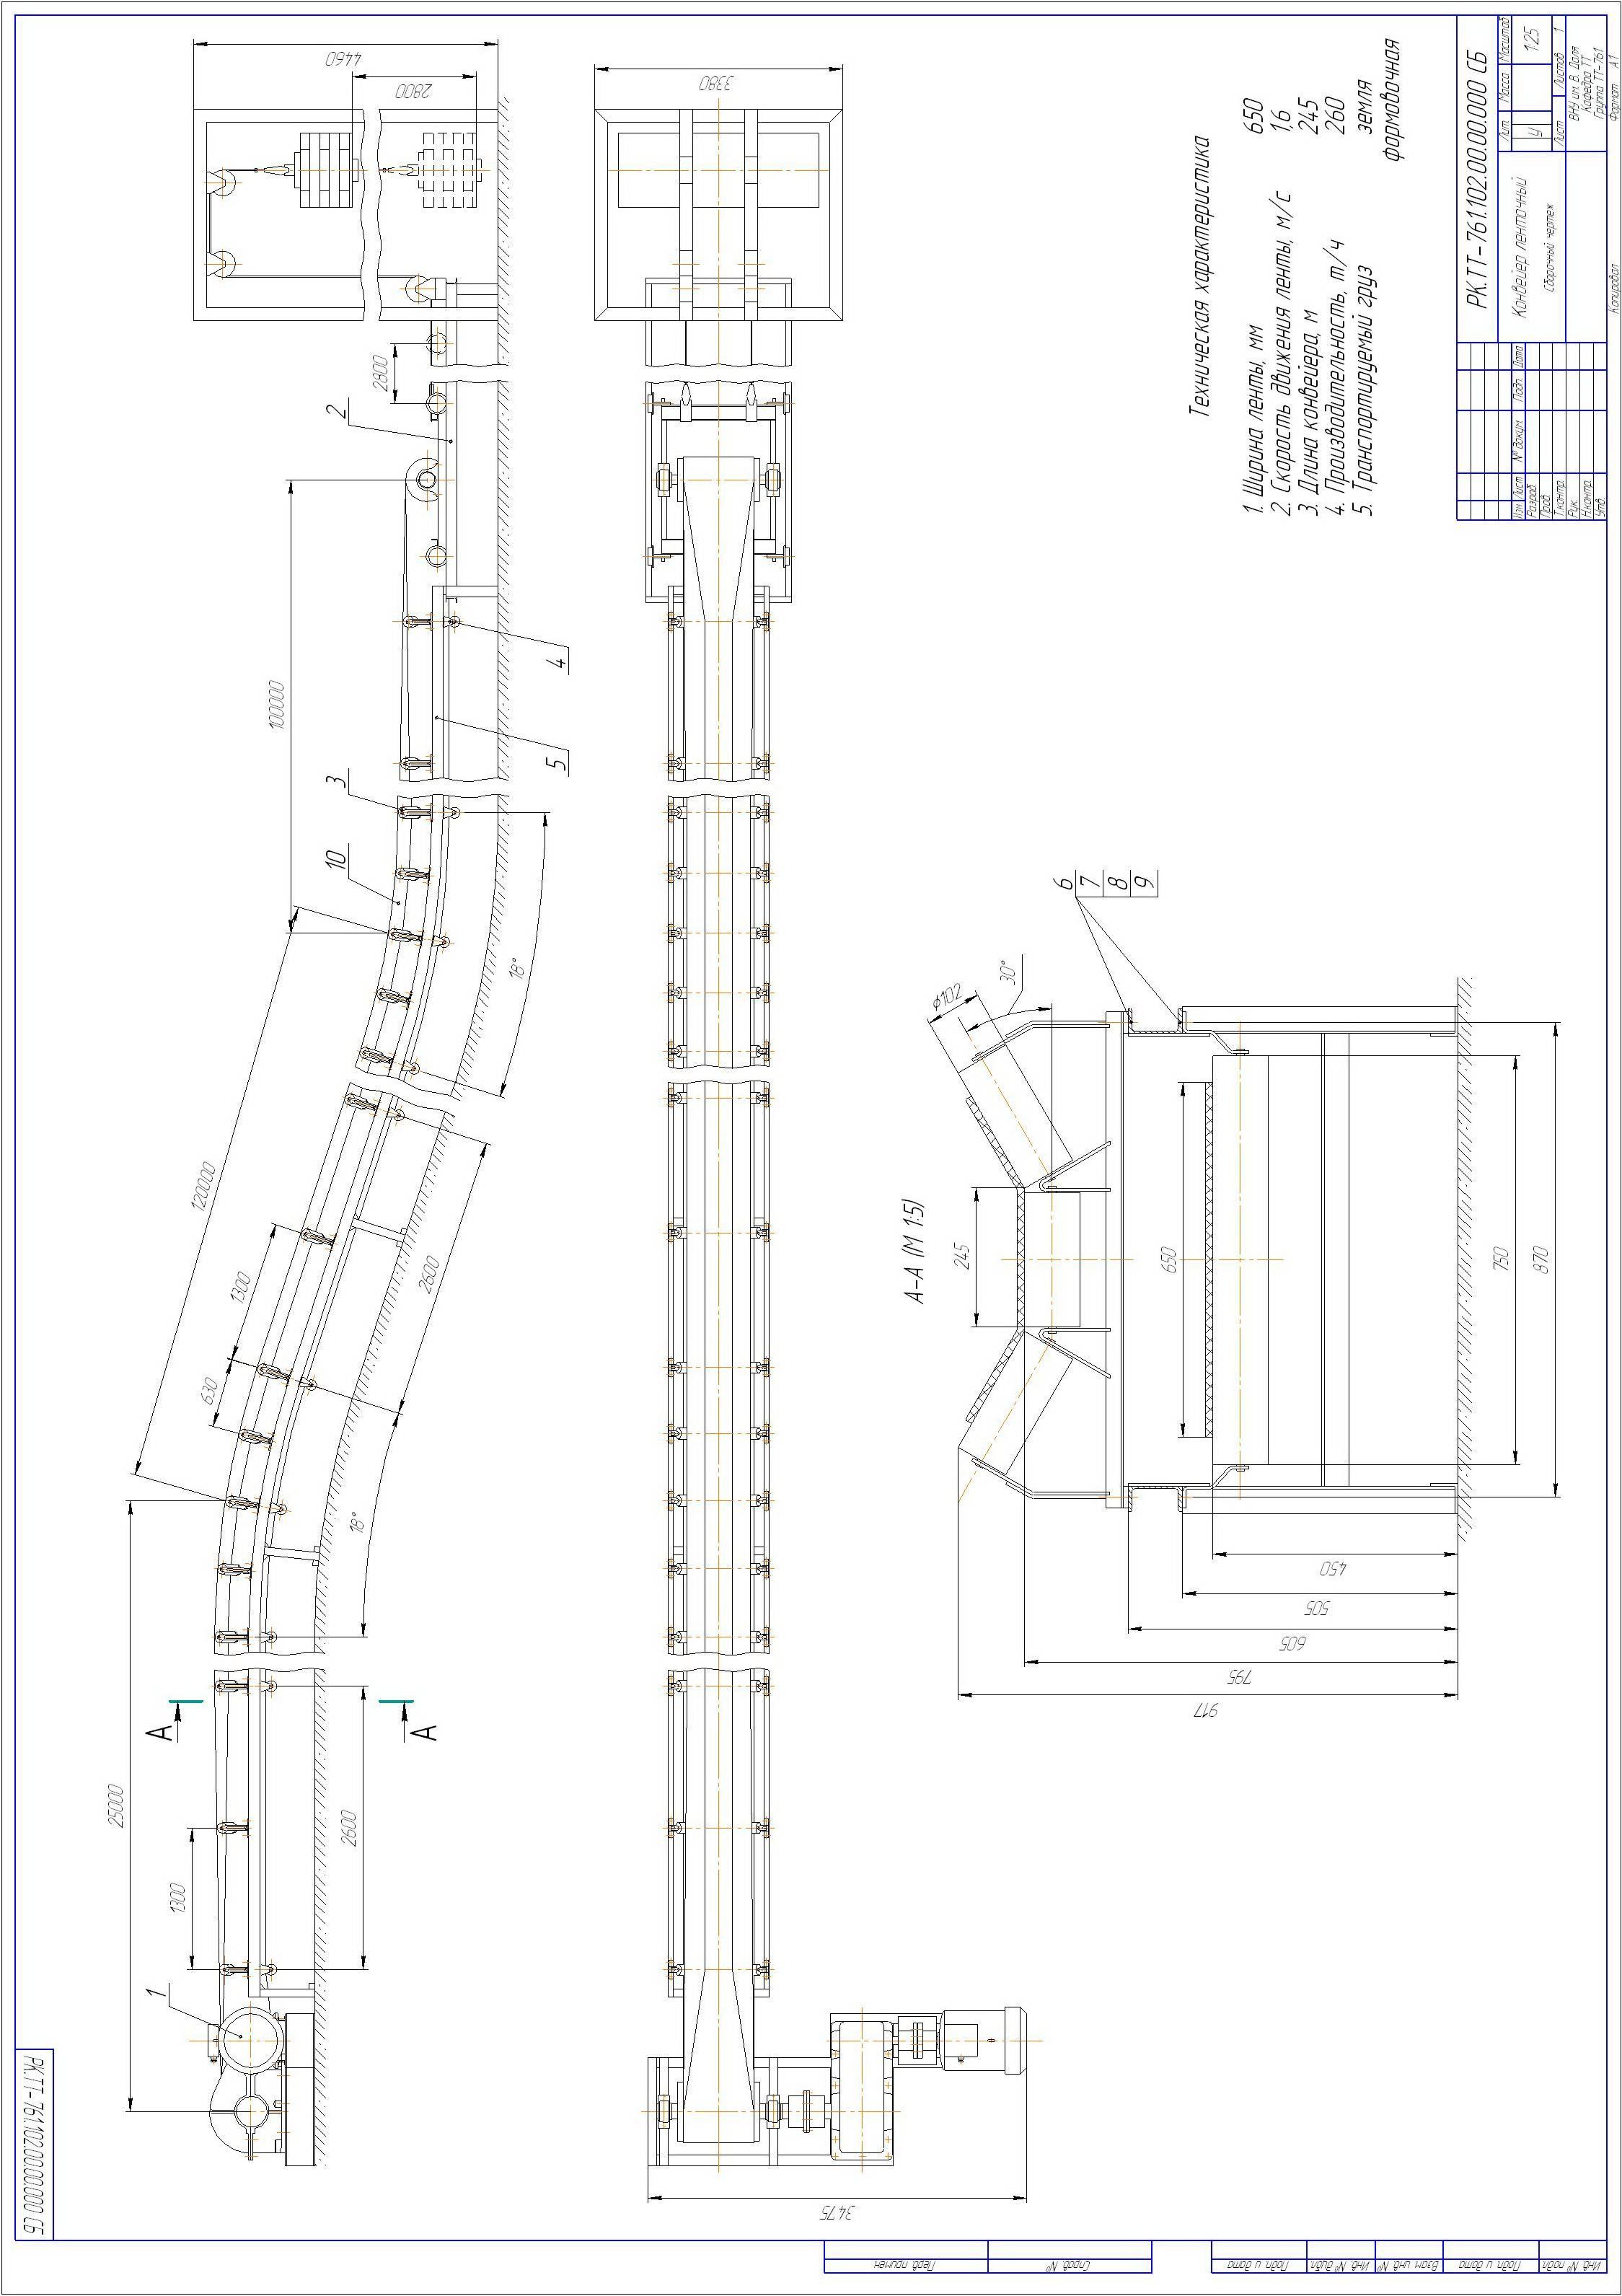 Оформление графической части курсовой работы Примеры выполнения чертежей курсовой работы представлены на рис 9 и рис 10